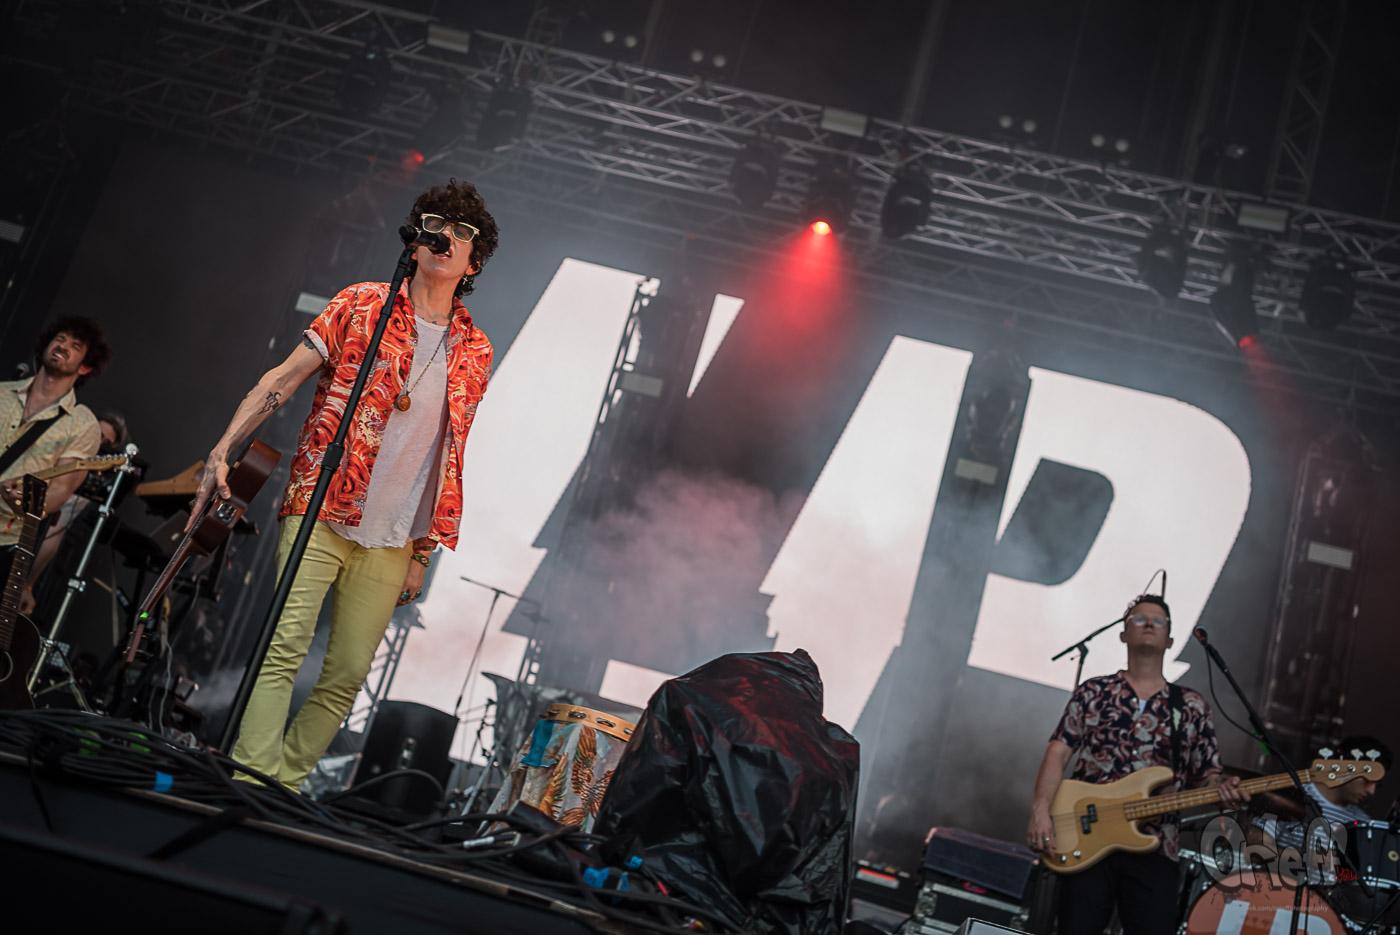 LP @ INmusic festival, 2019